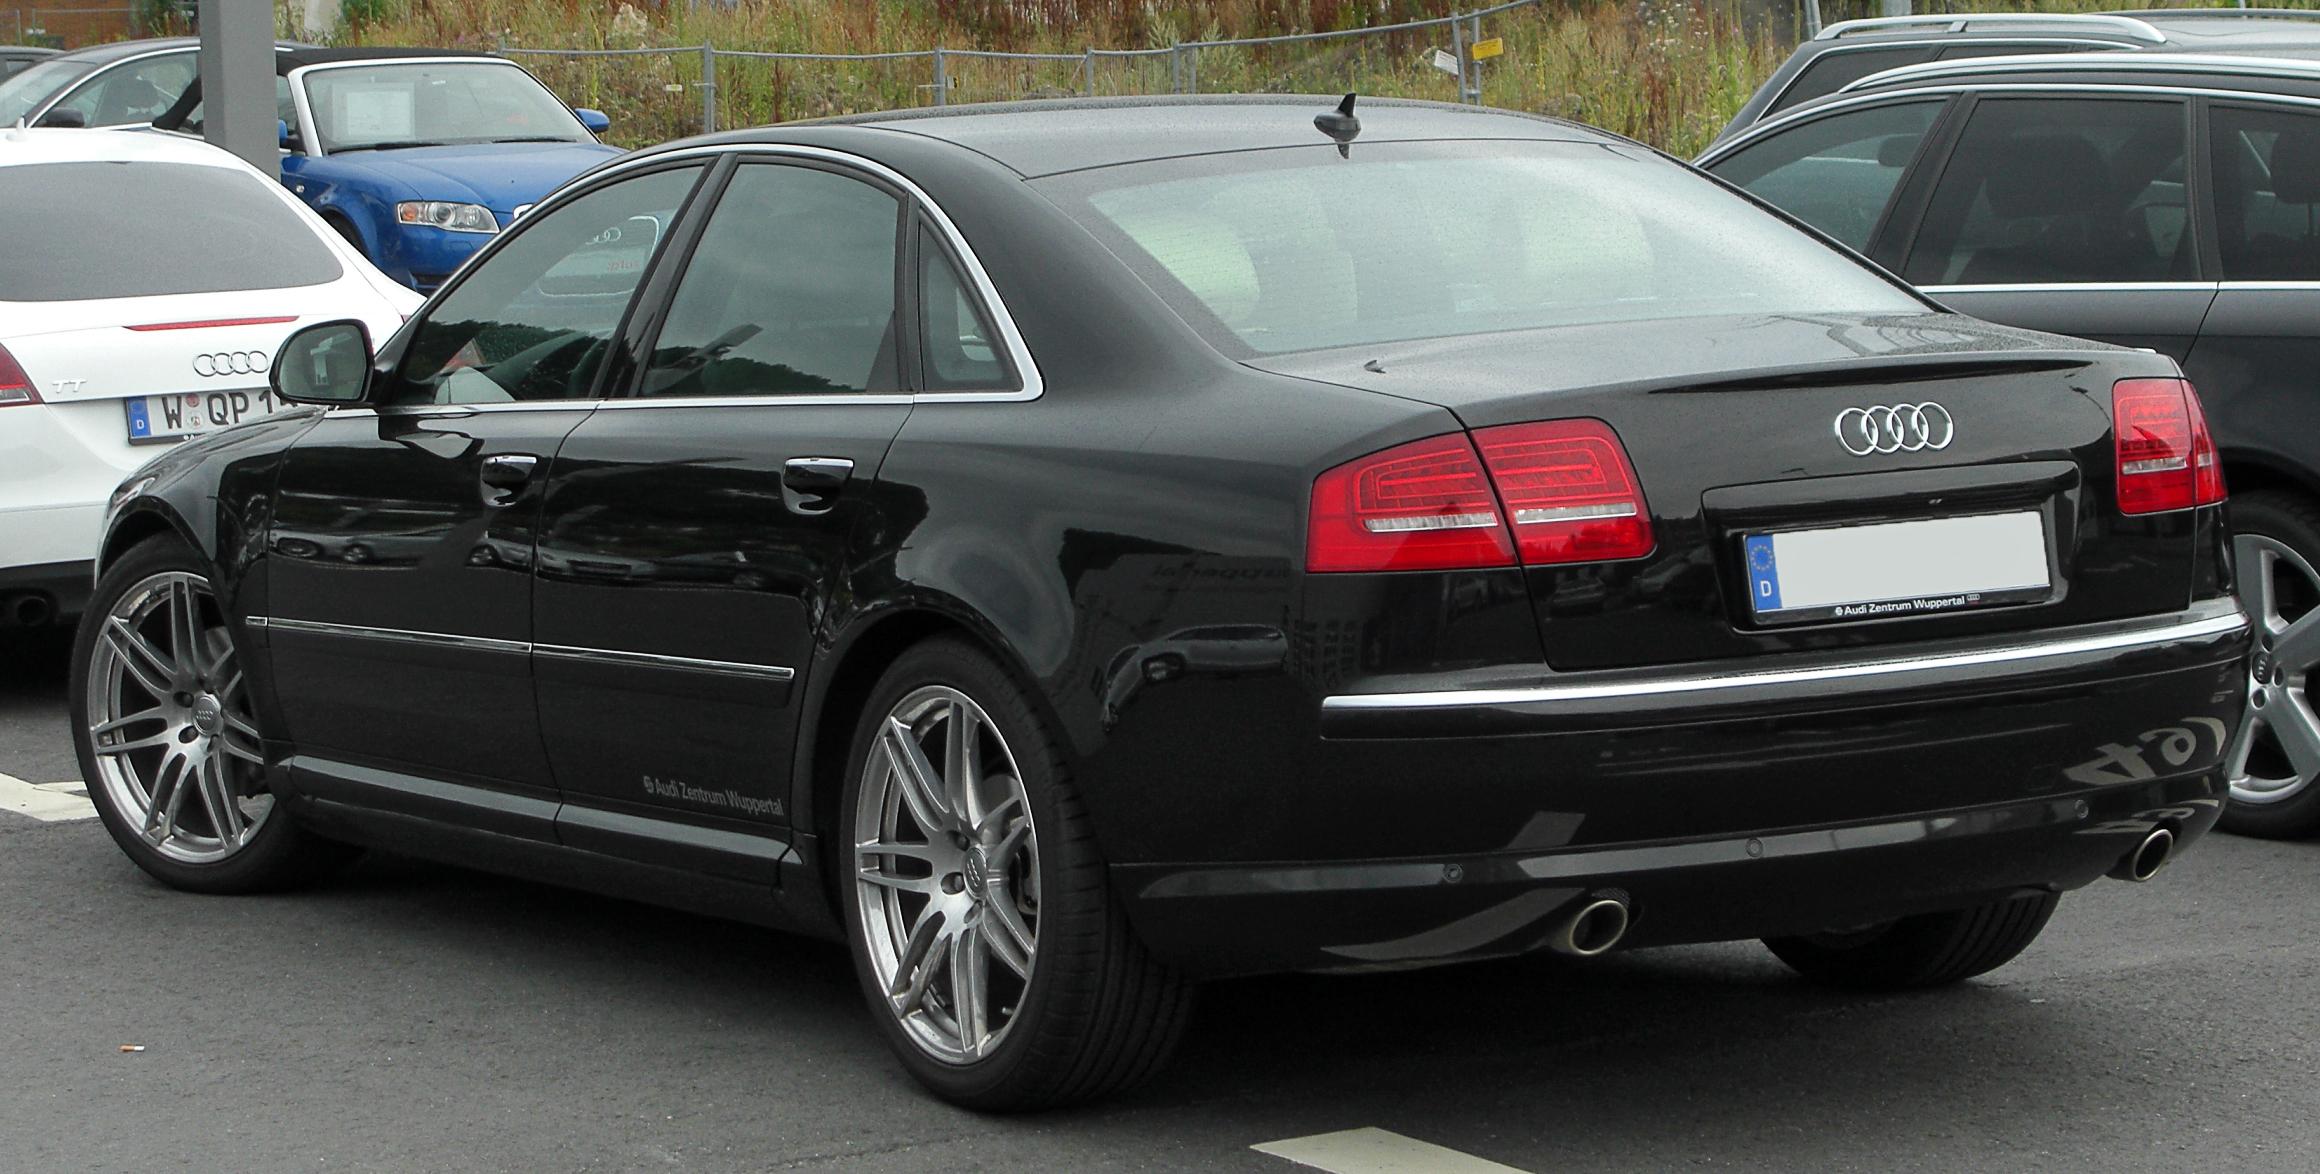 File:Audi A8 D3 II. Facelift rear 20100725.jpg - Wikimedia Commons